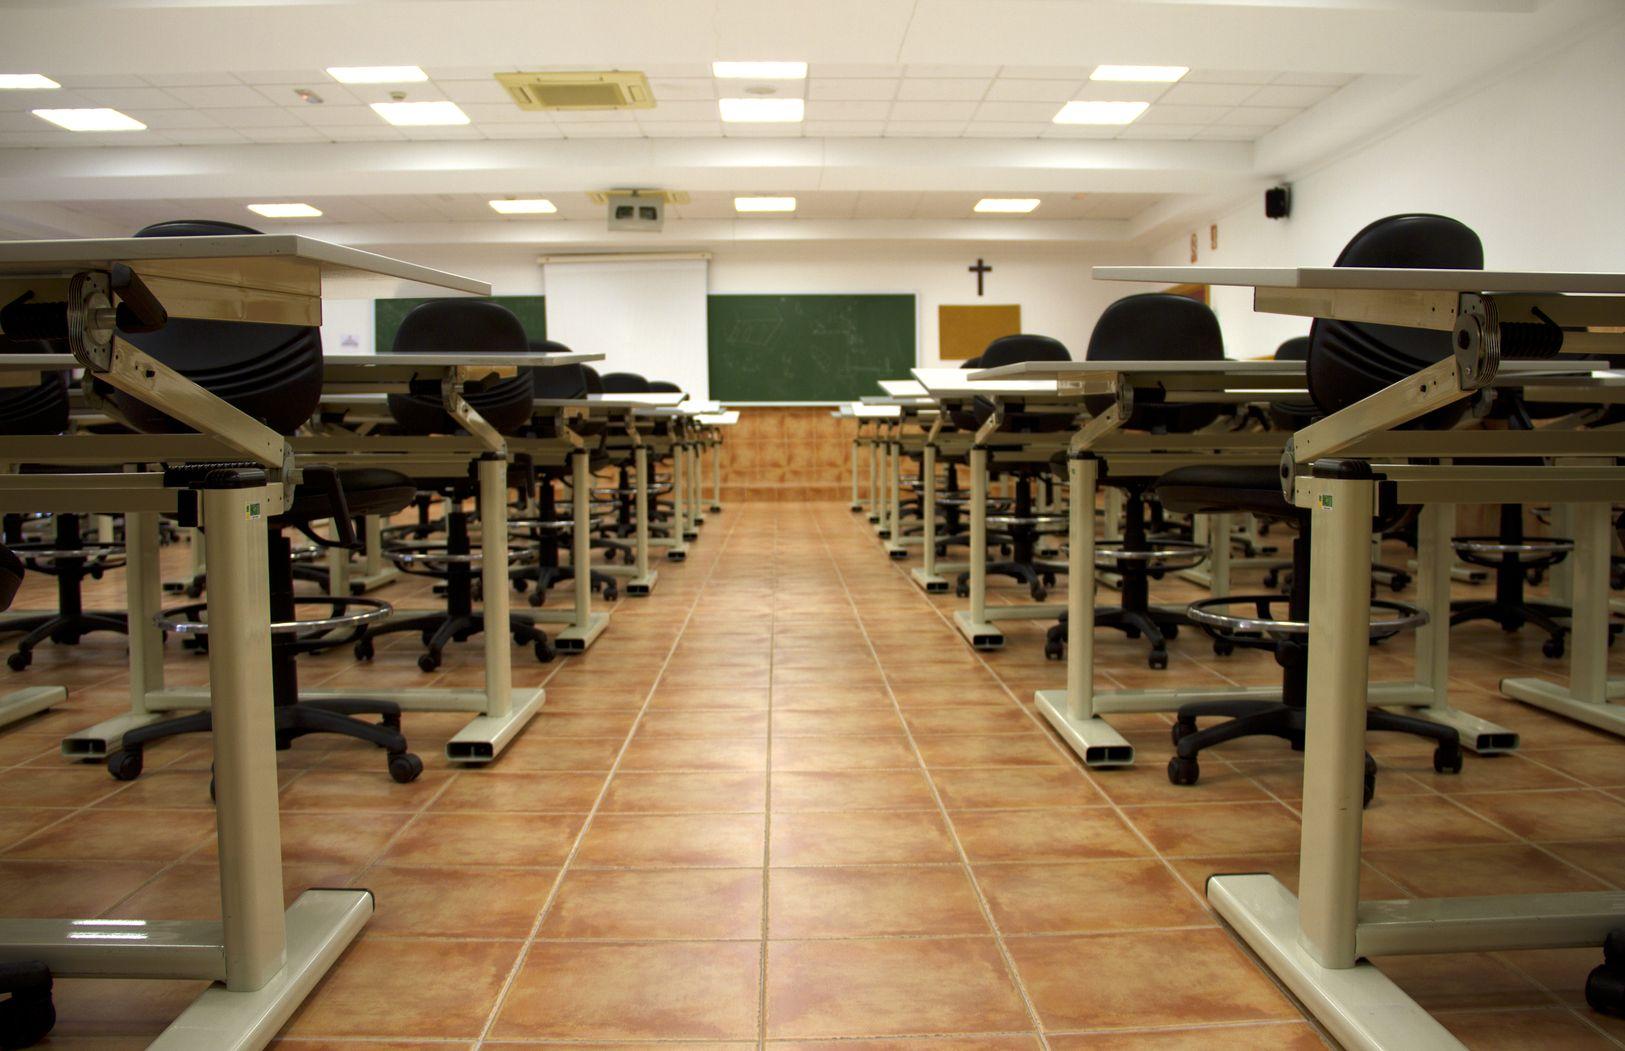 sala debujo técnica 3_result.jpg